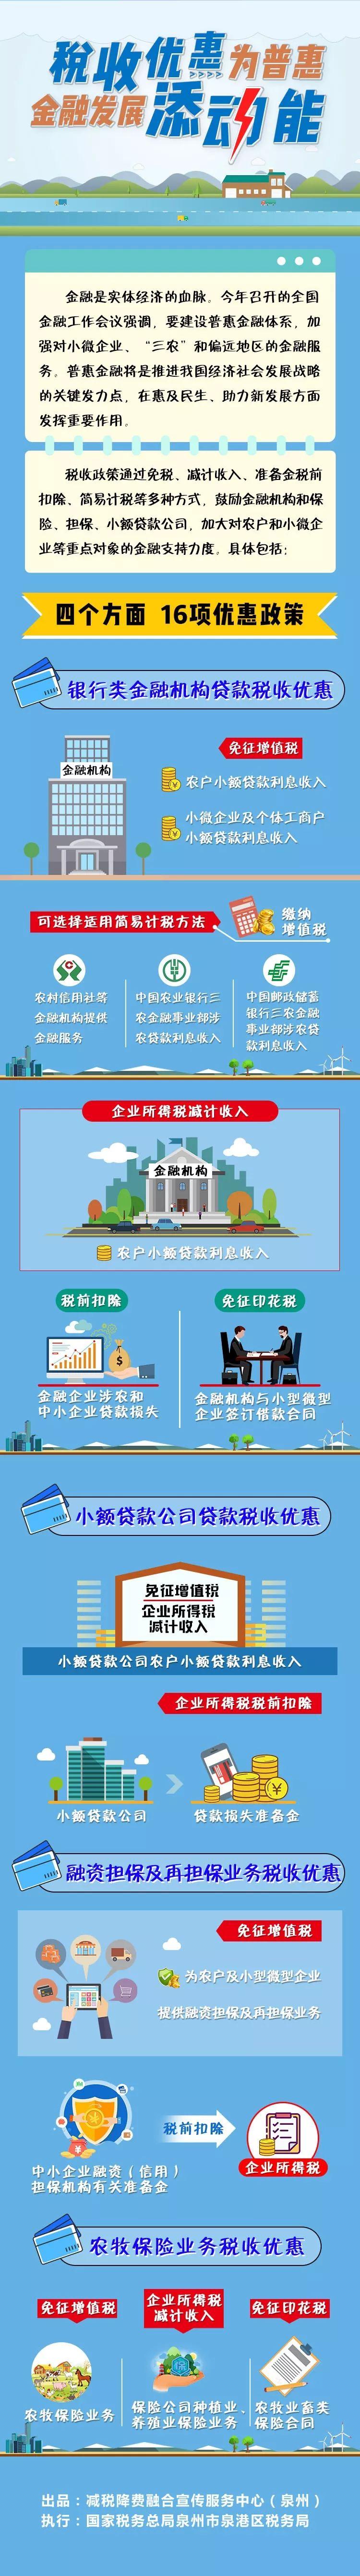 税收优惠为普惠金融发展添动能